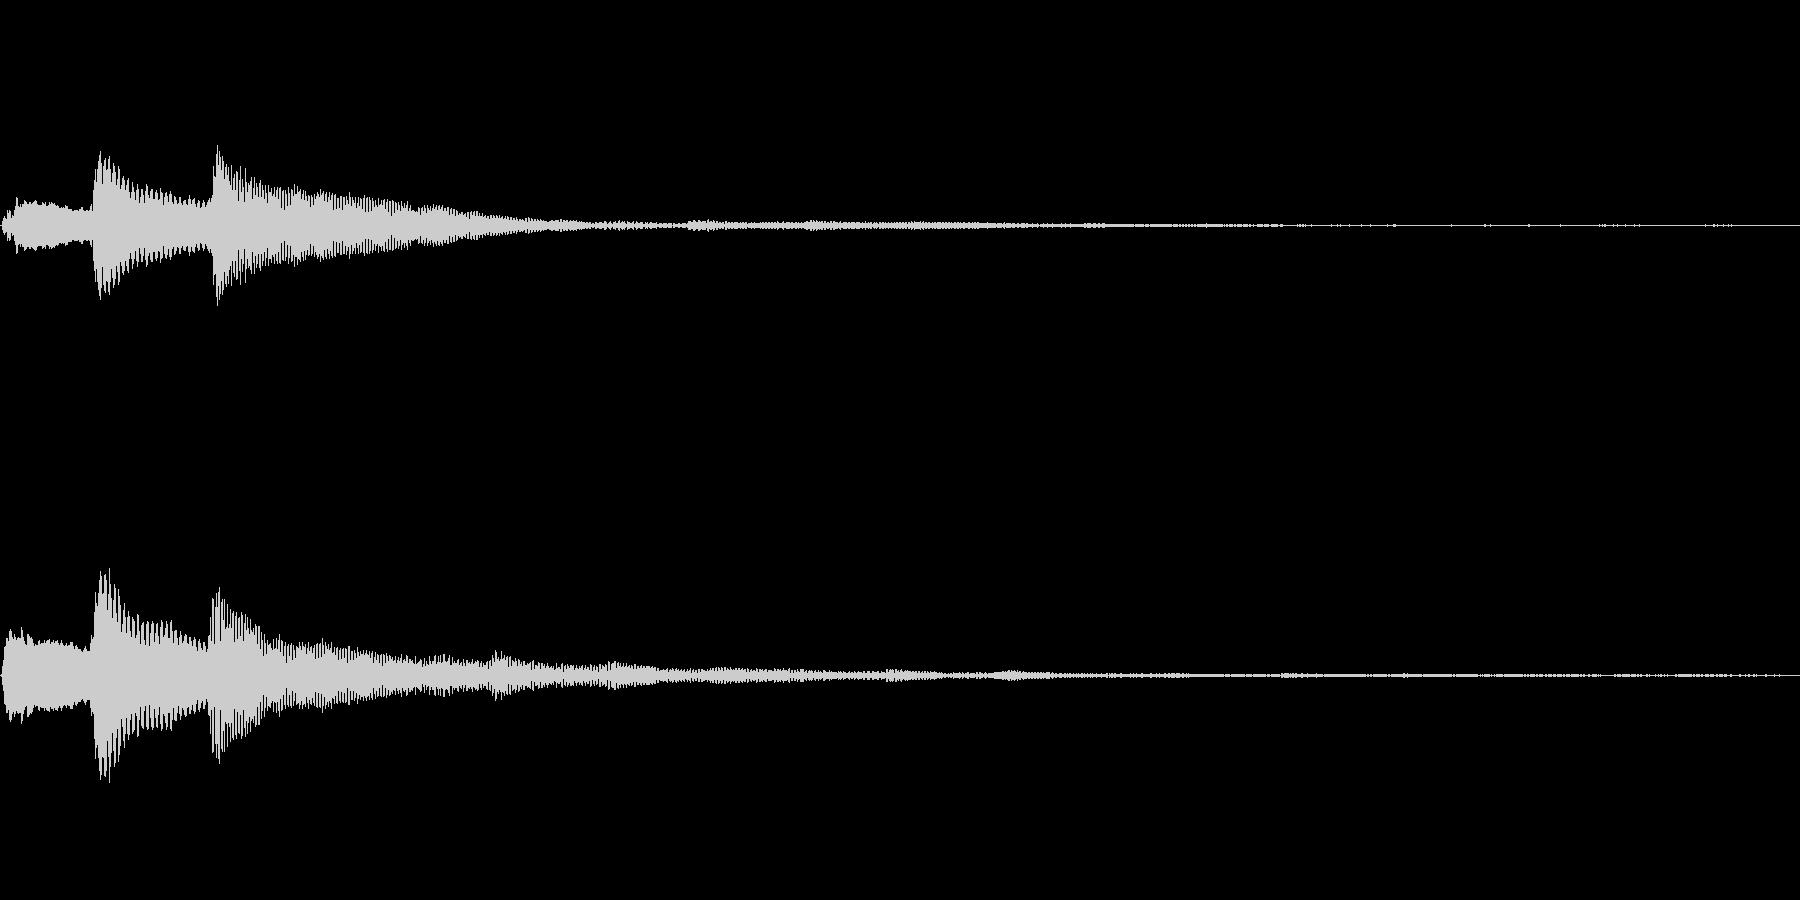 ピロリーンキャンセル音の未再生の波形